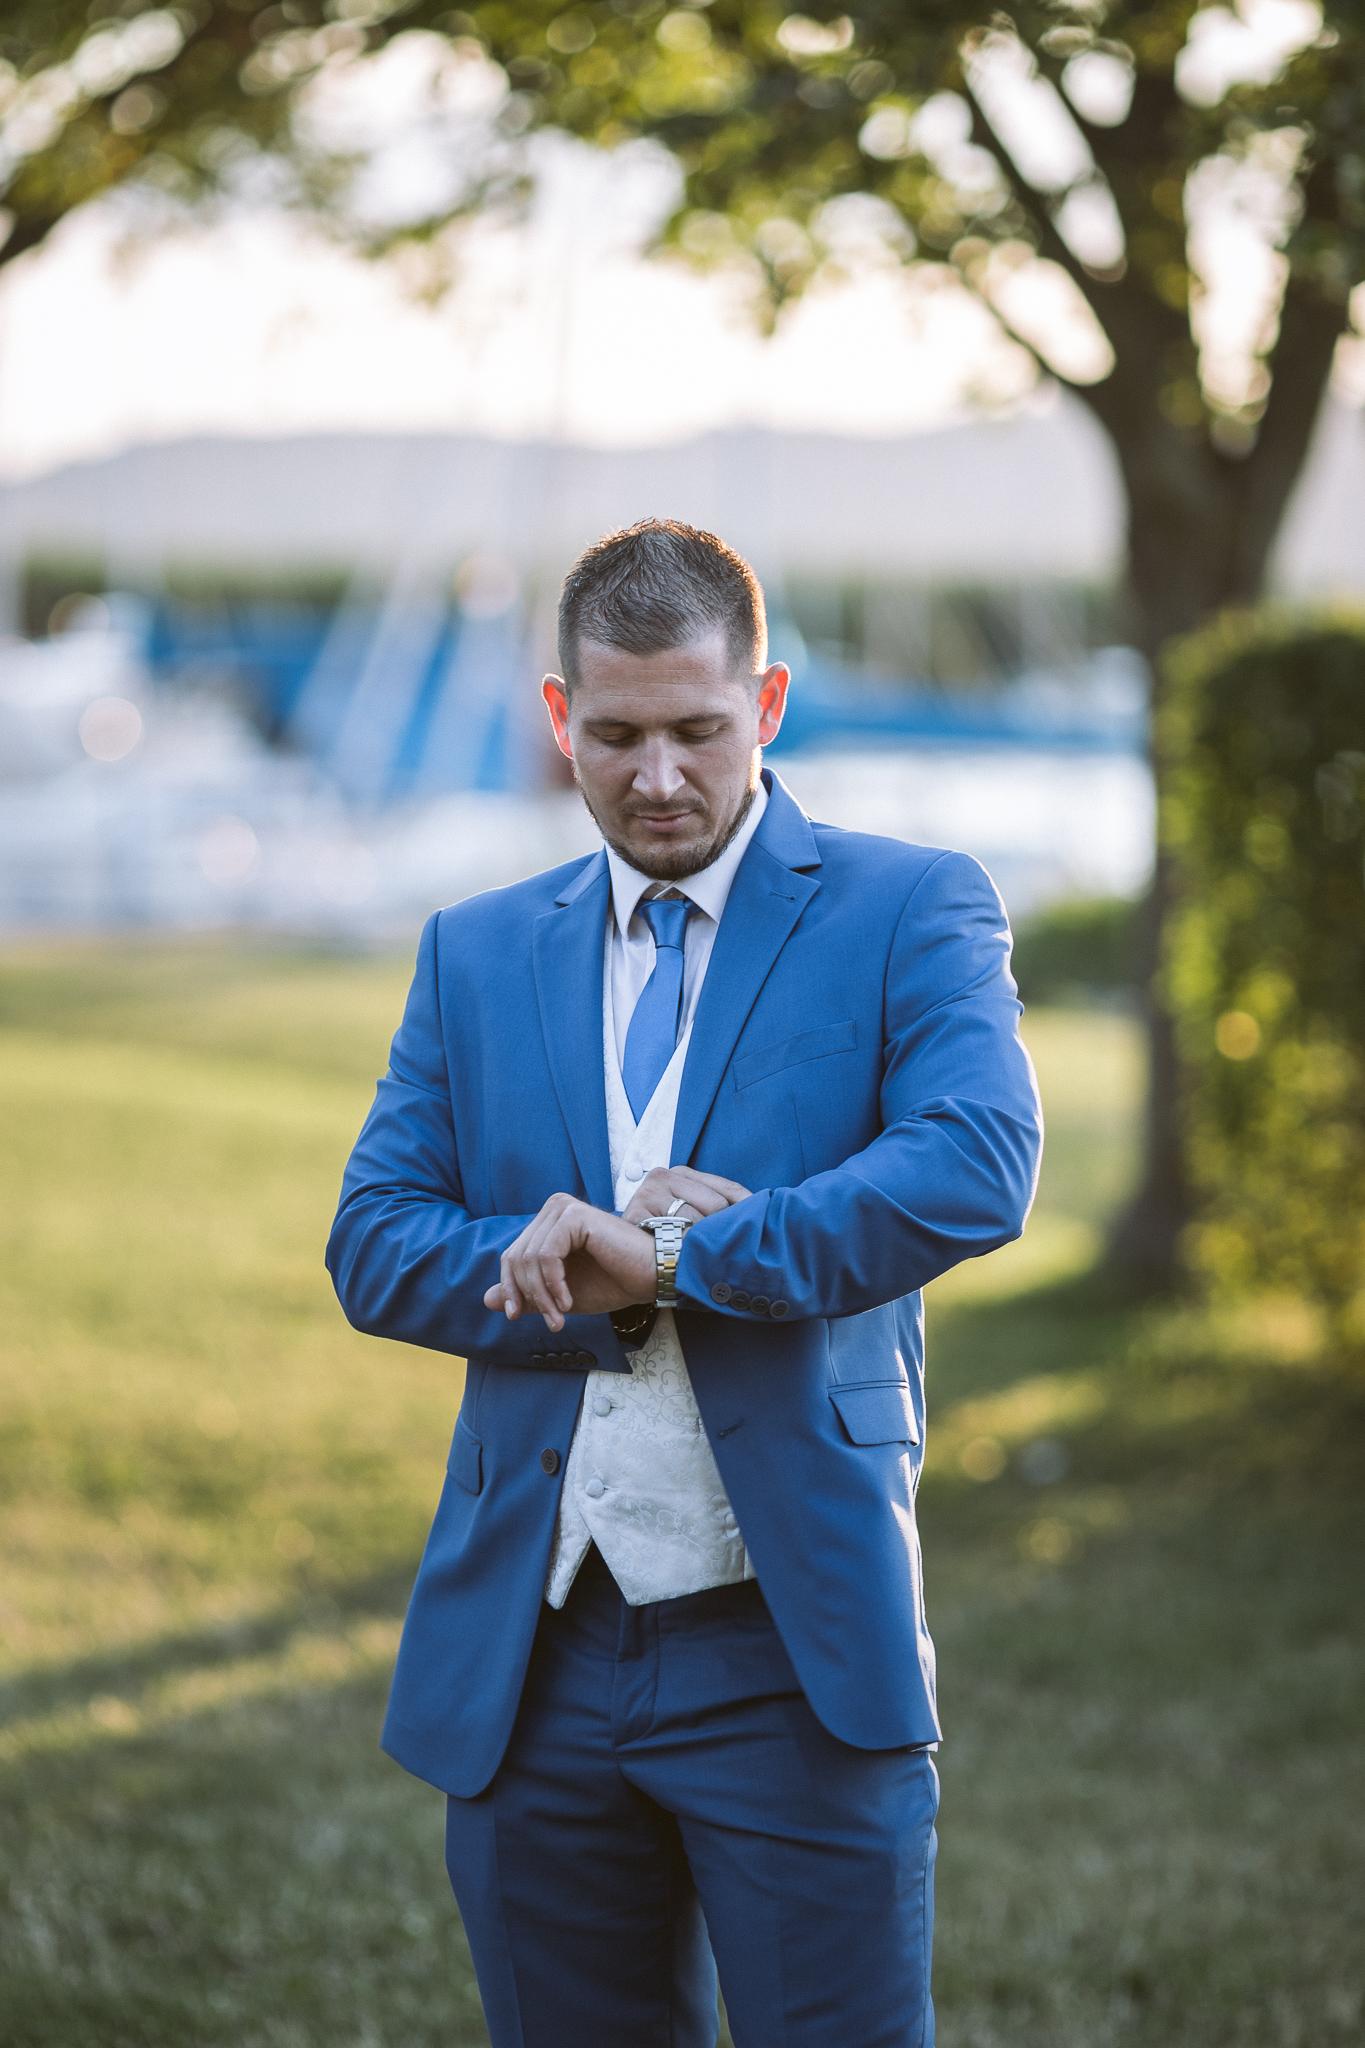 FylepPhoto, esküvőfotózás, magyarország, esküvői fotós, vasmegye, prémium, jegyesfotózás, Fülöp Péter, körmend, kreatív 7.jpg